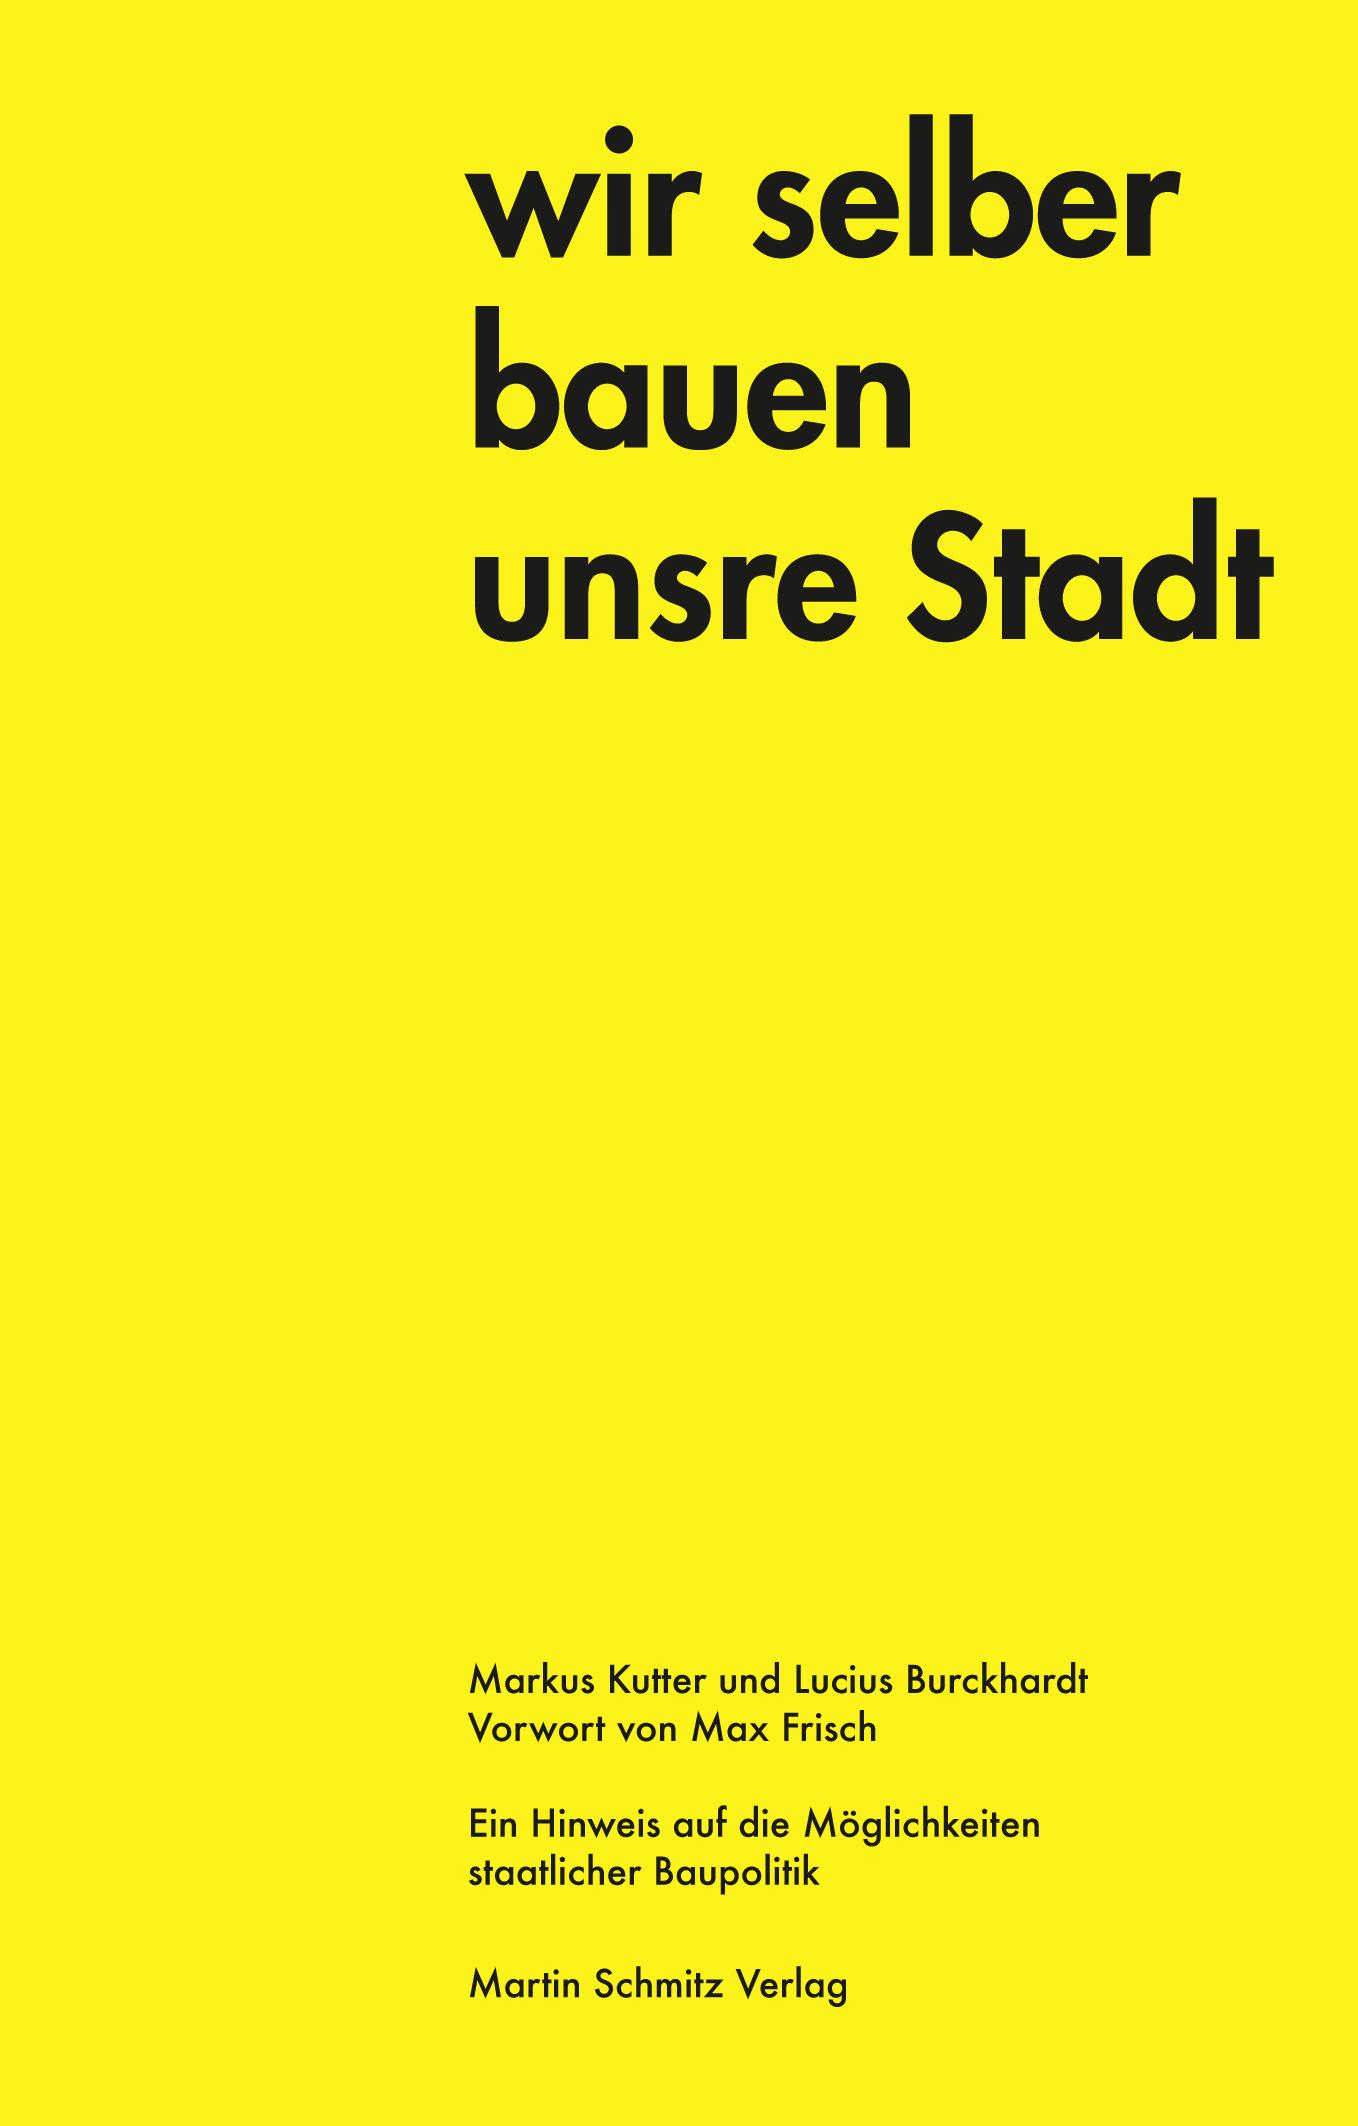 Wir-selber-bauen-unsere-Stadt-Lucius-Burckhardt